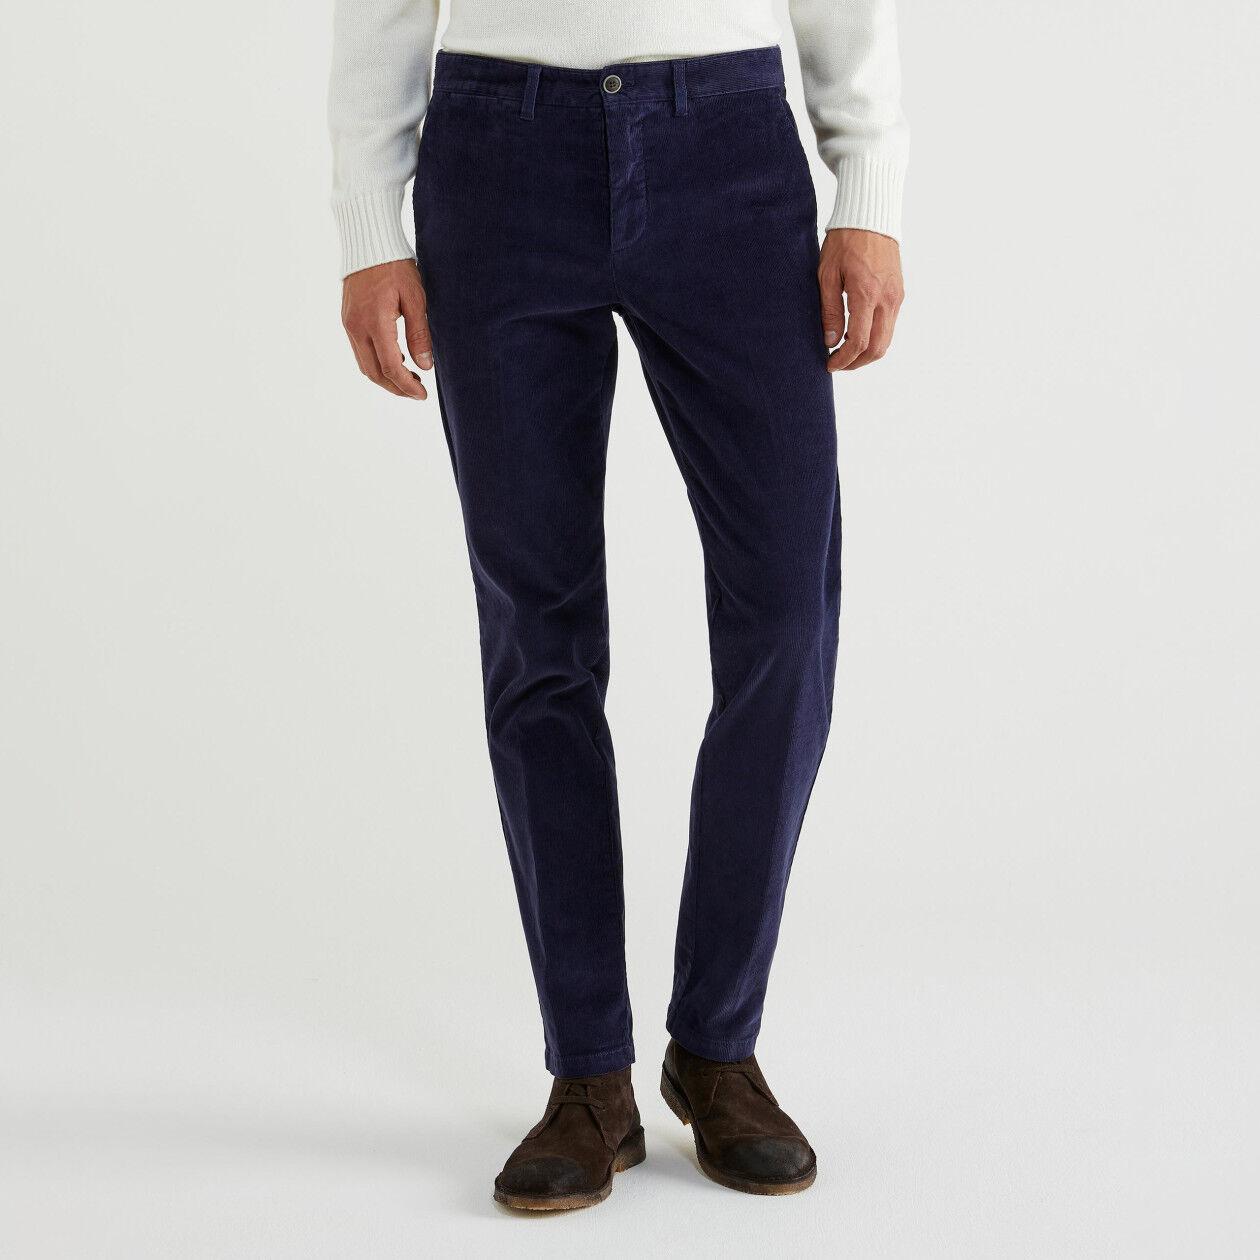 Pantalón ceñido de pana